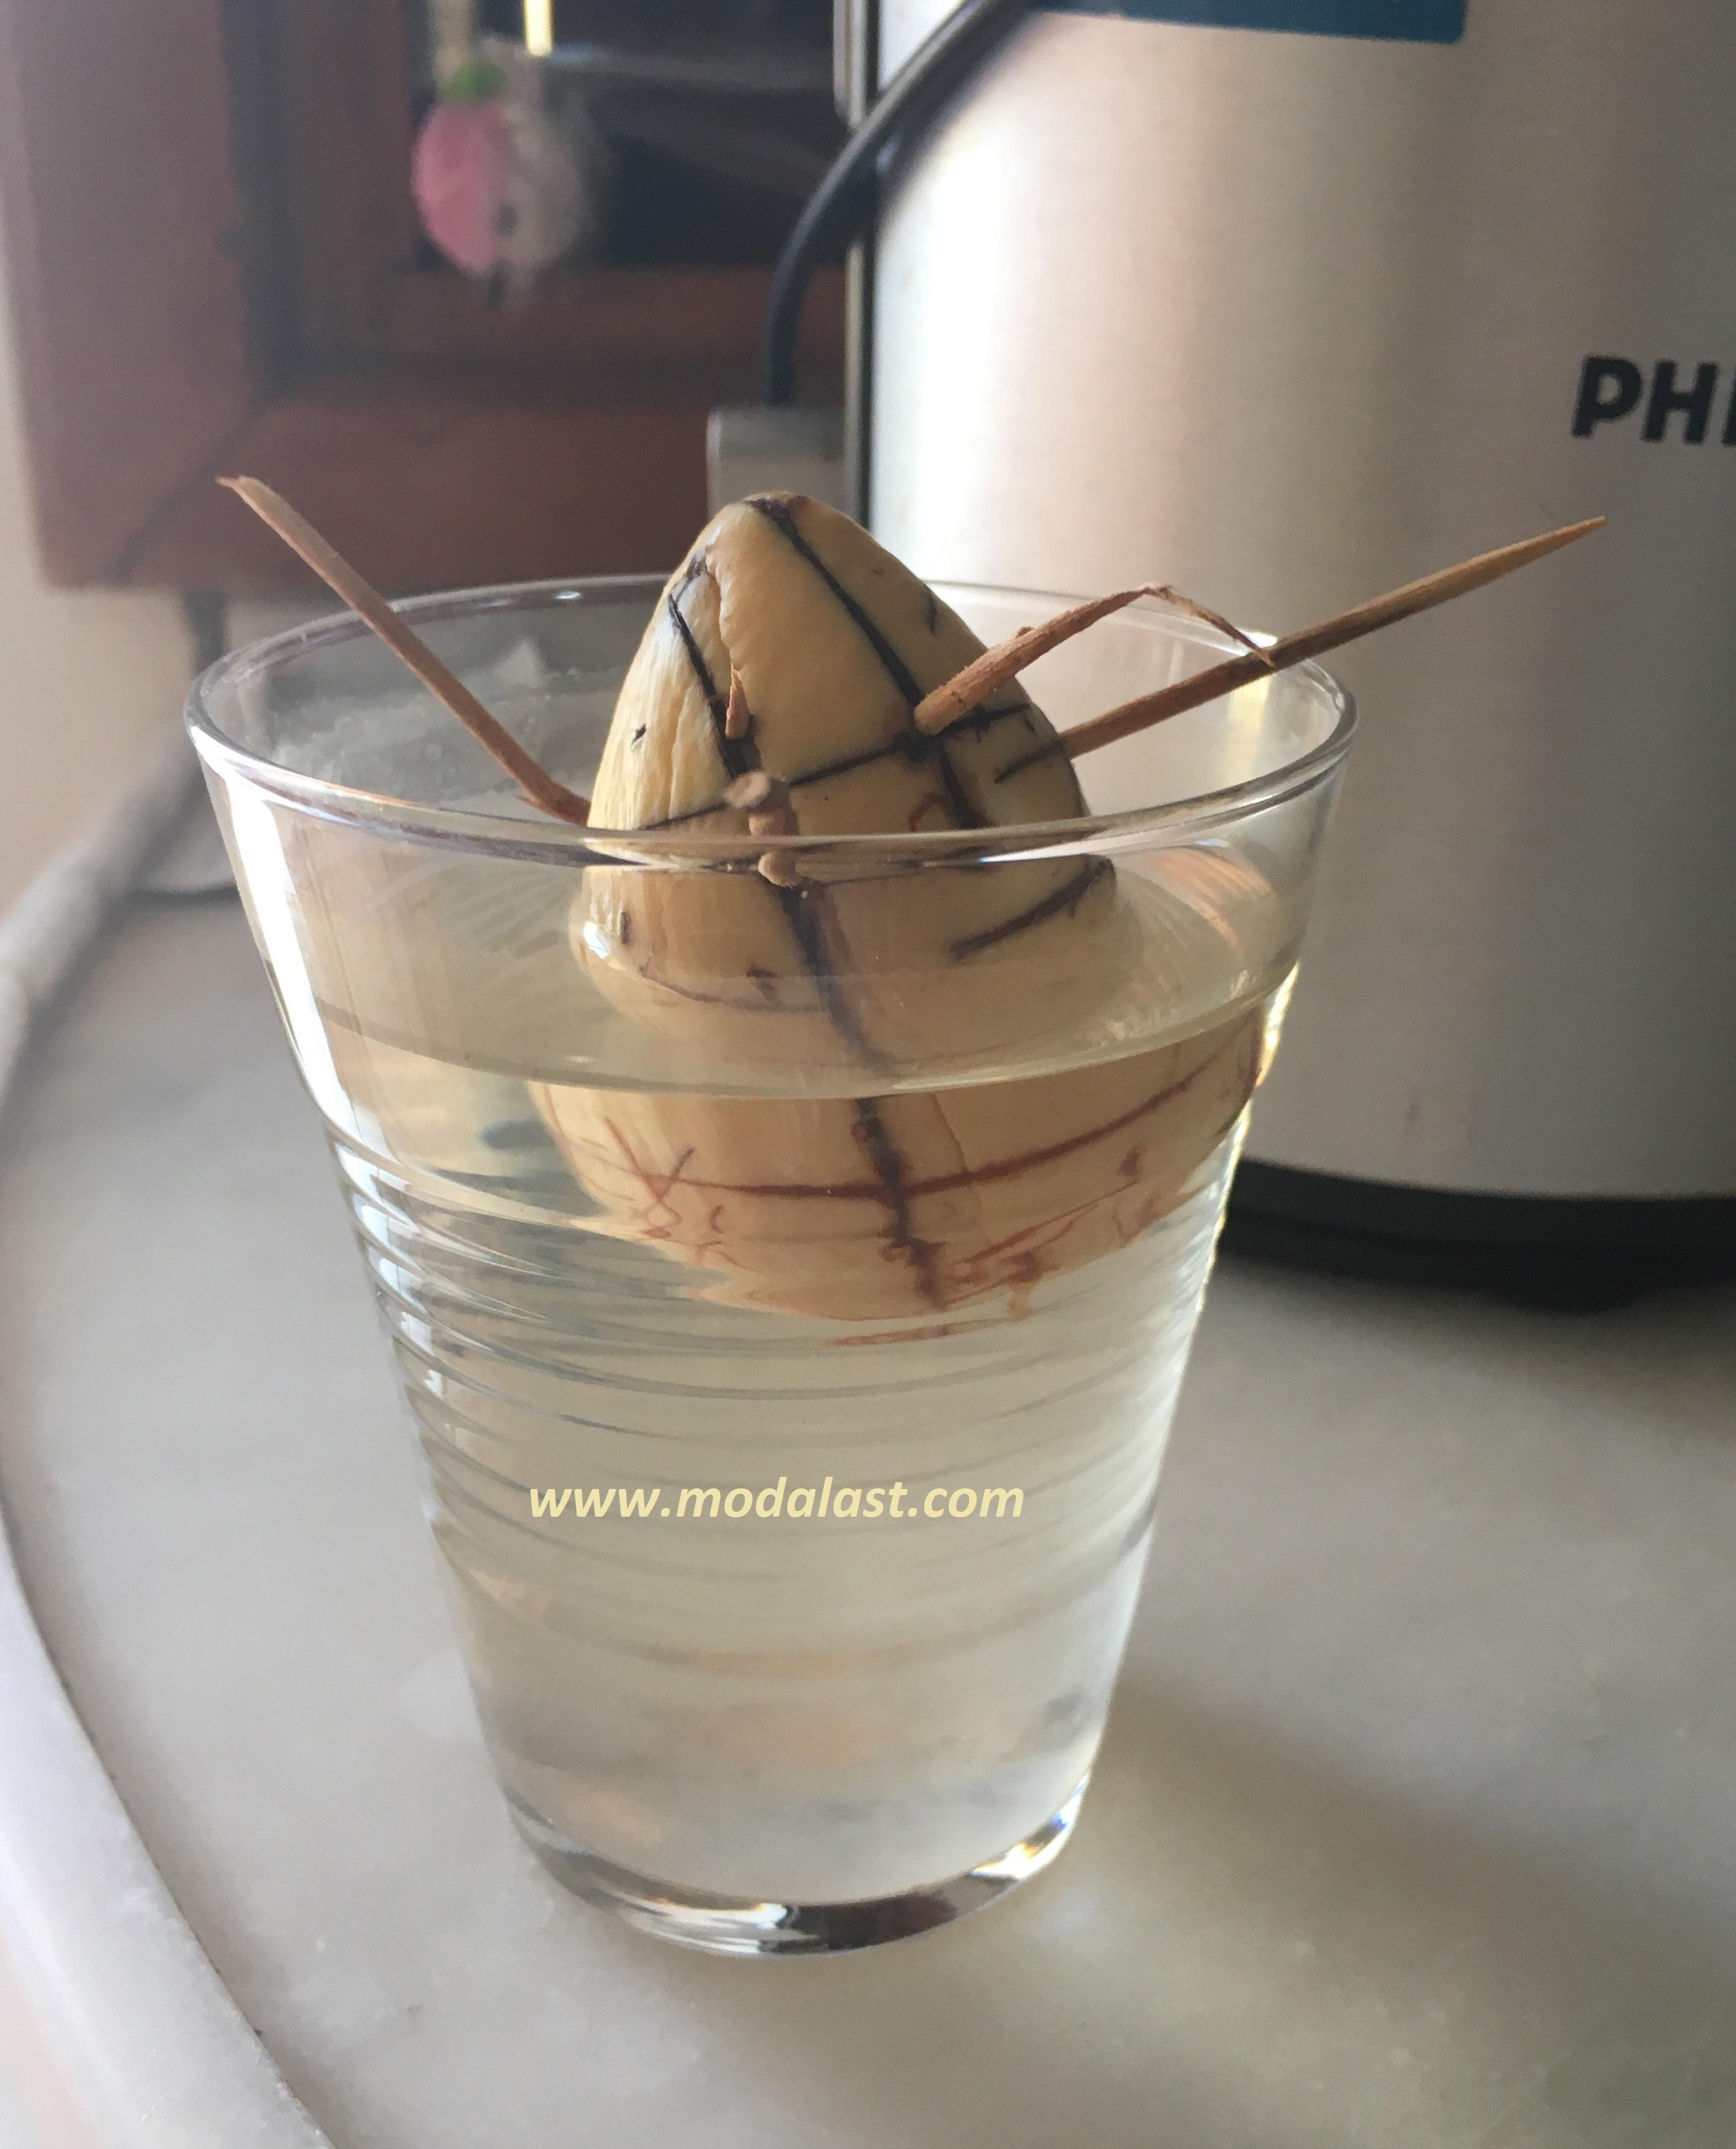 avokado çekirdeğinin filizlenmesi